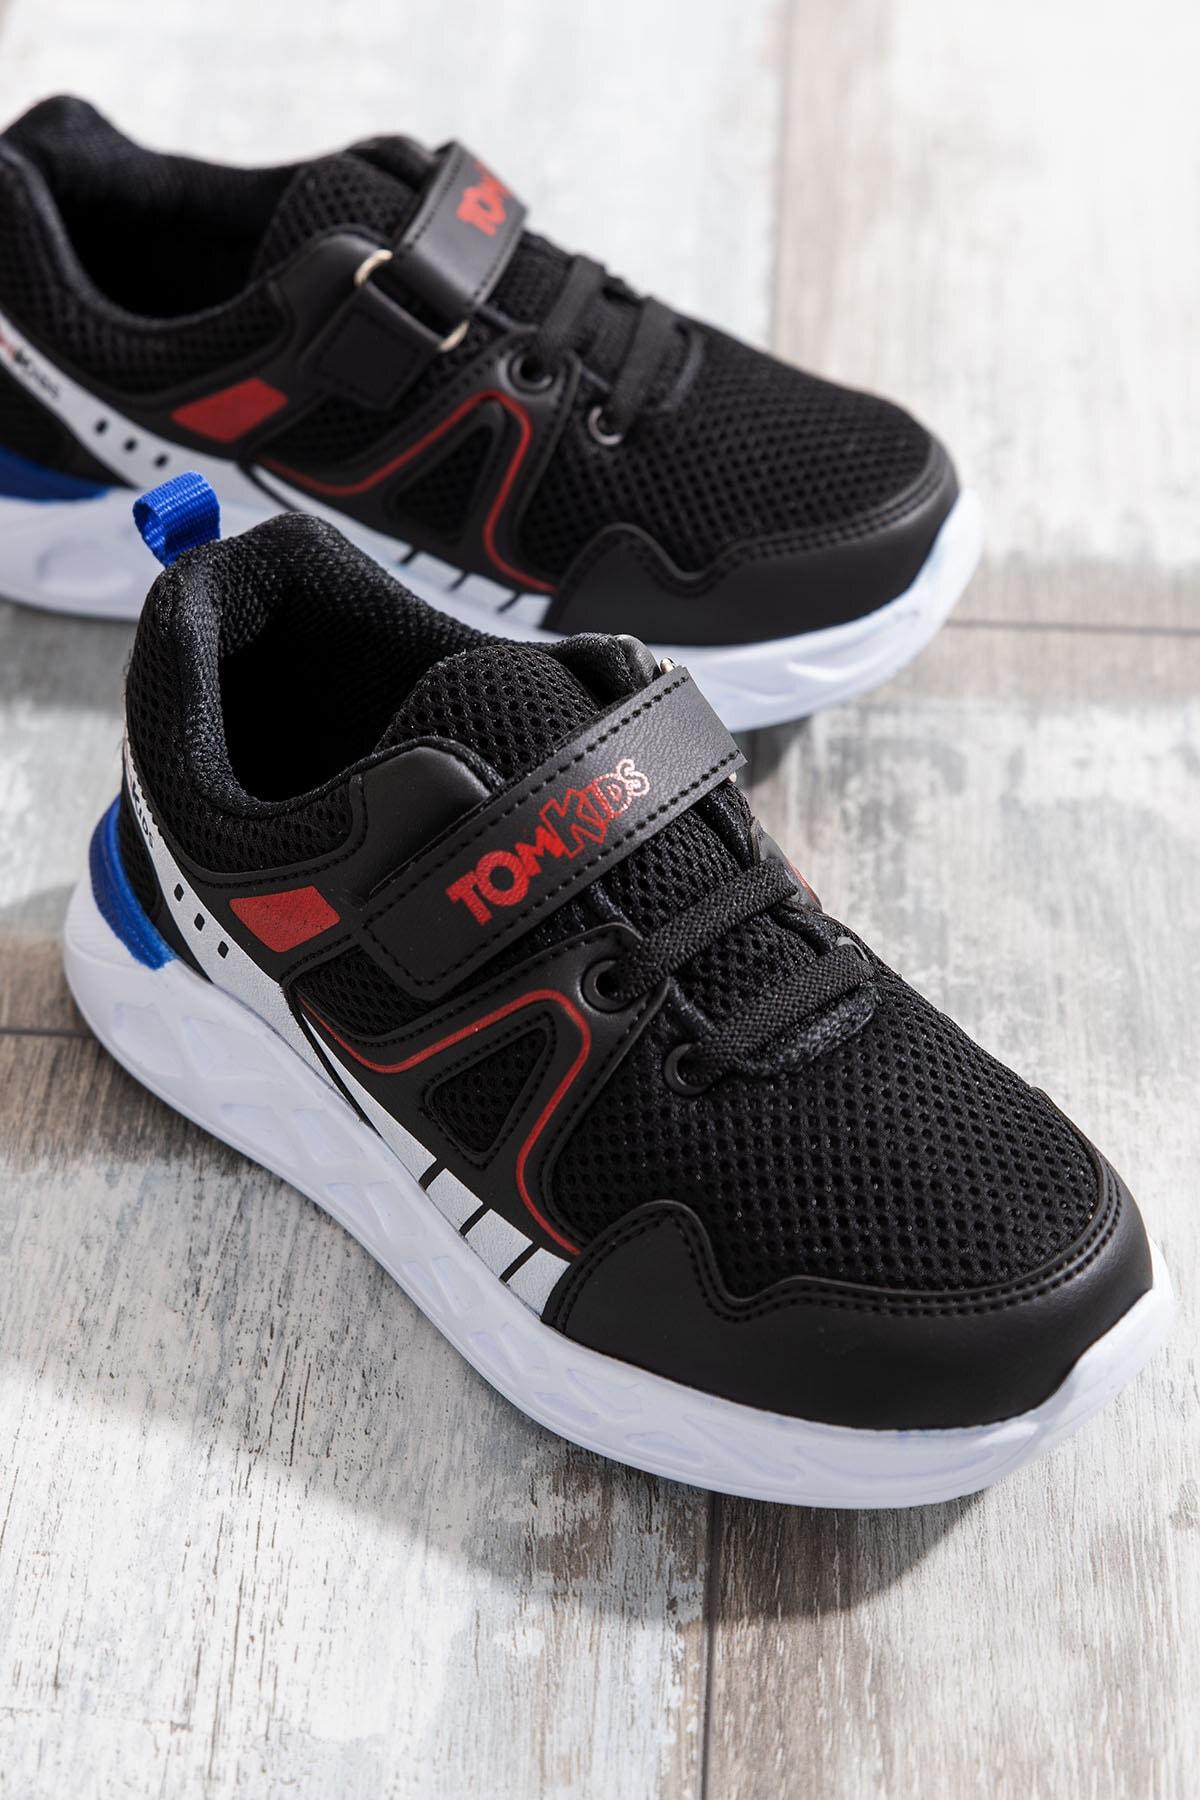 Tonny Black Erkek Çocuk Siyah Çocuk Spor Ayakkabı TB3401-3 0